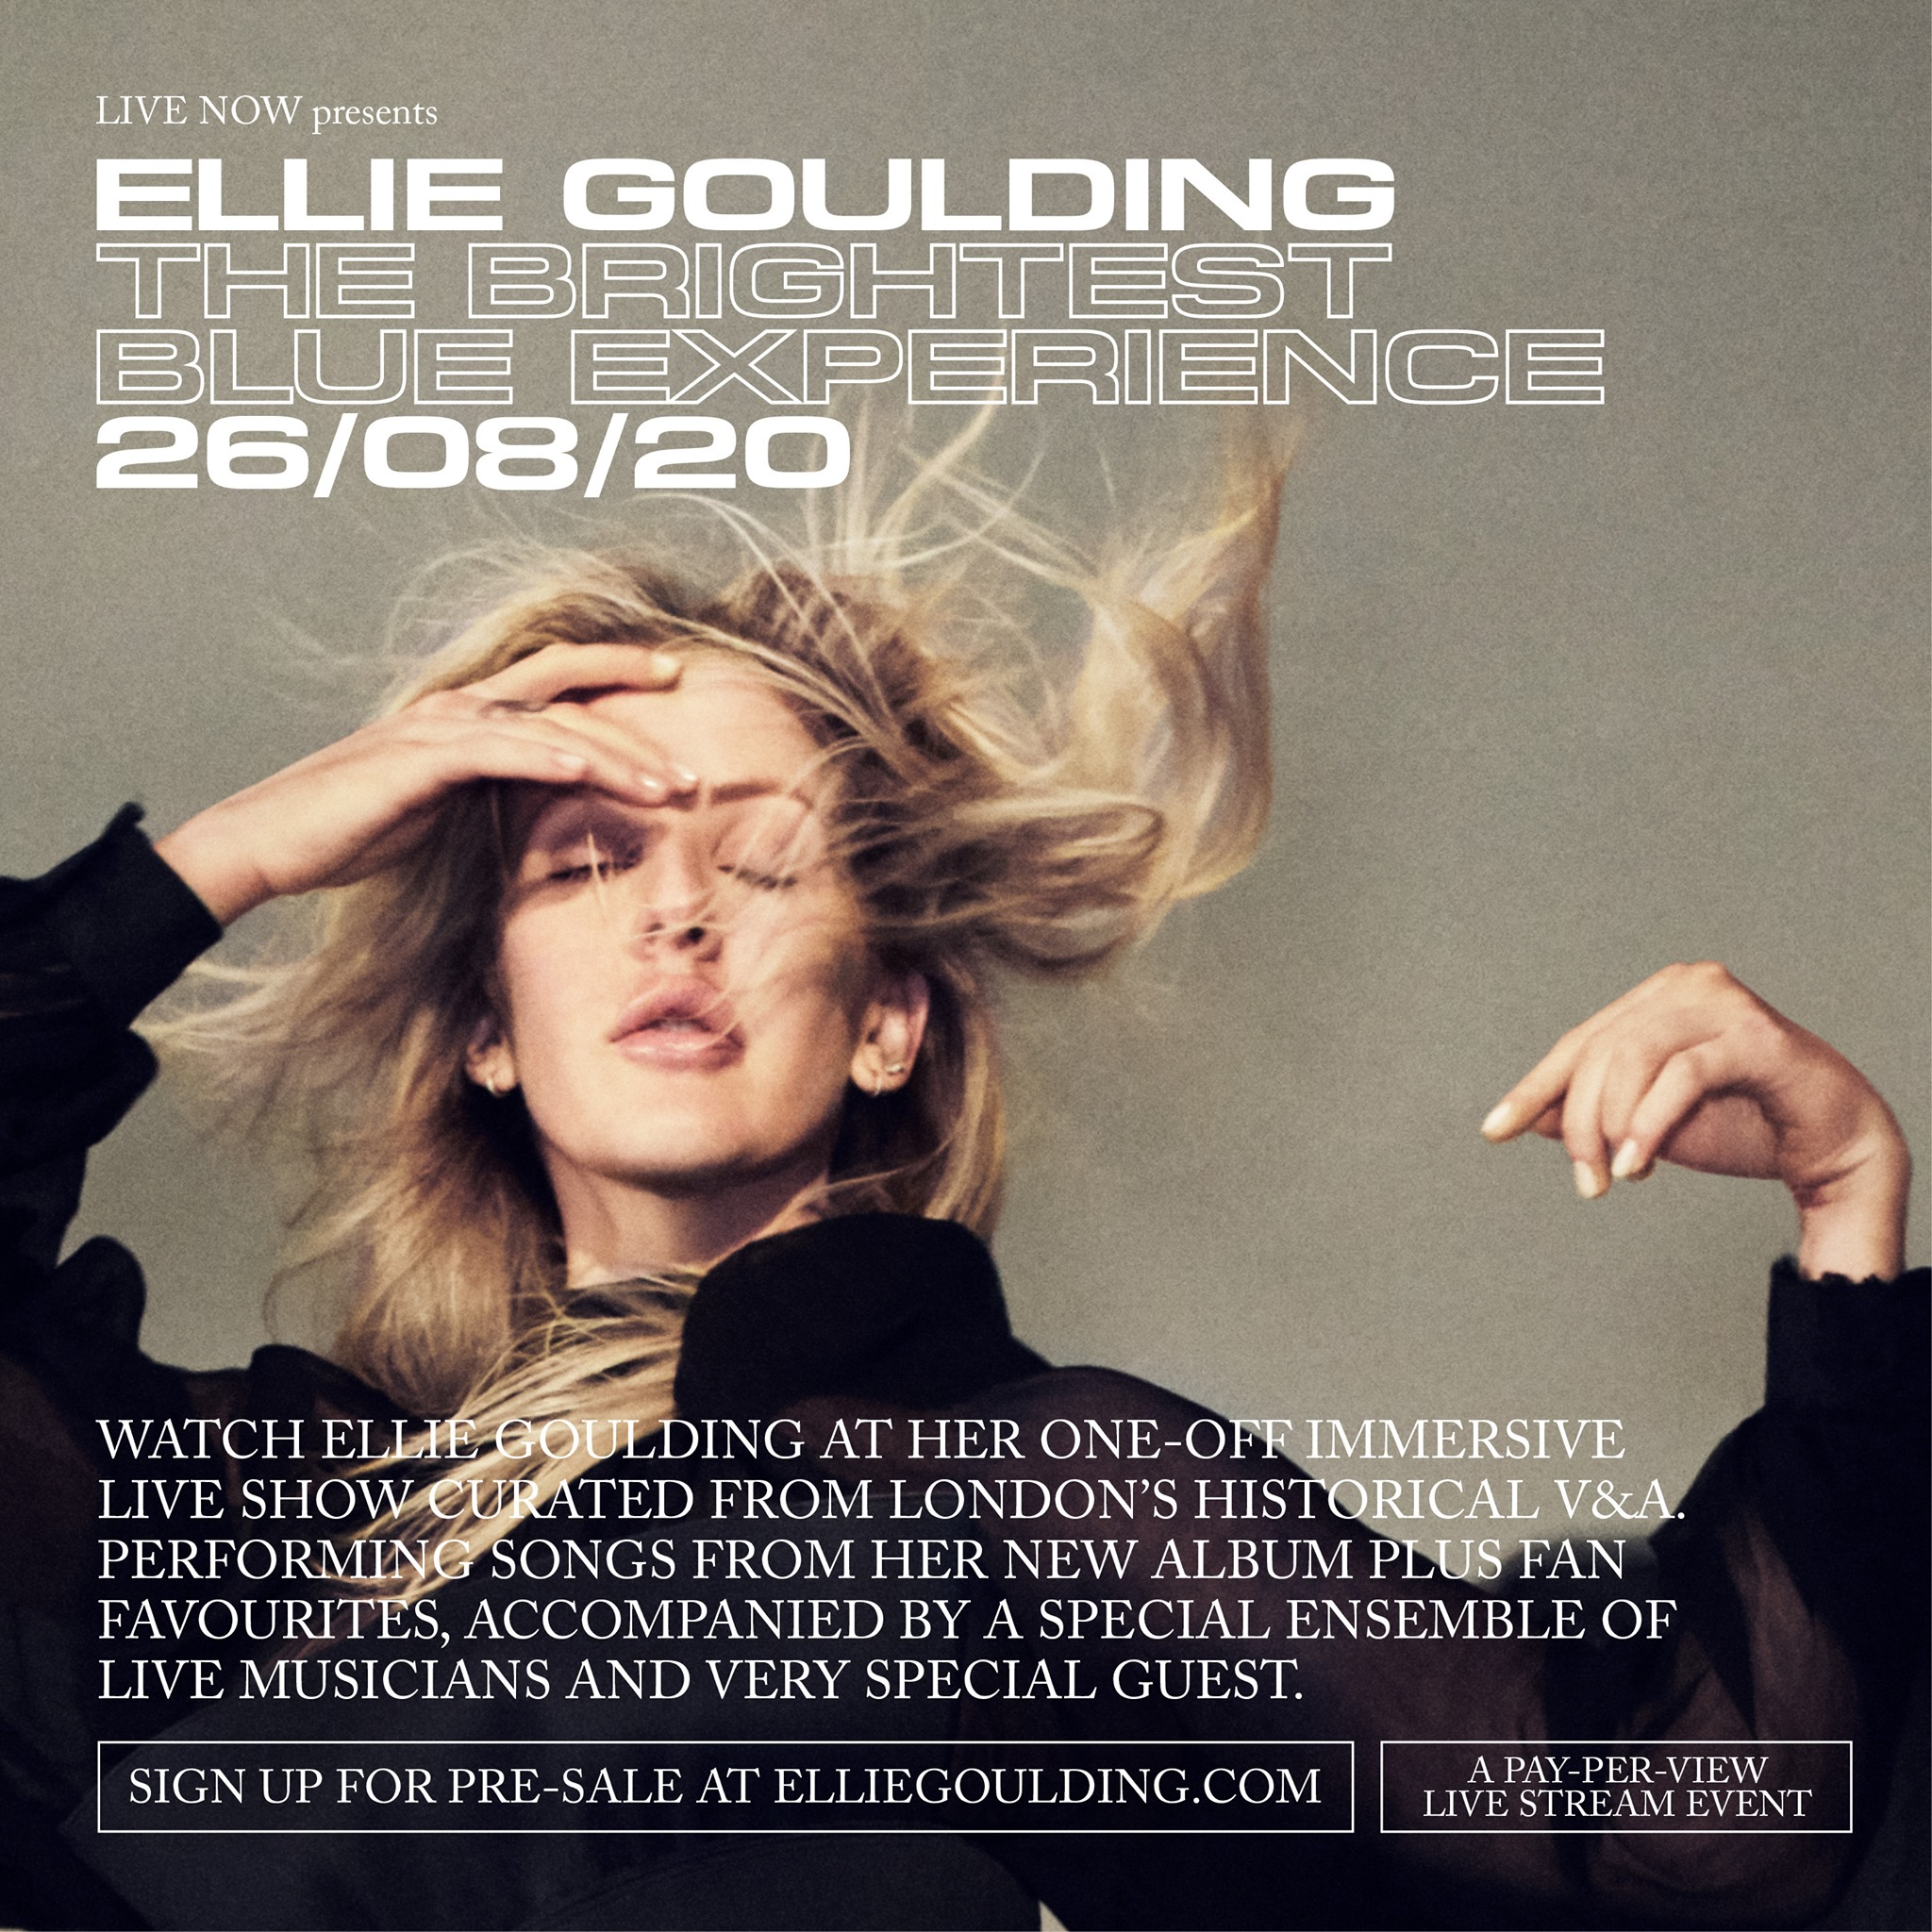 Ellie Goulding presenta su concierto en línea The Brightest Blue Experience.